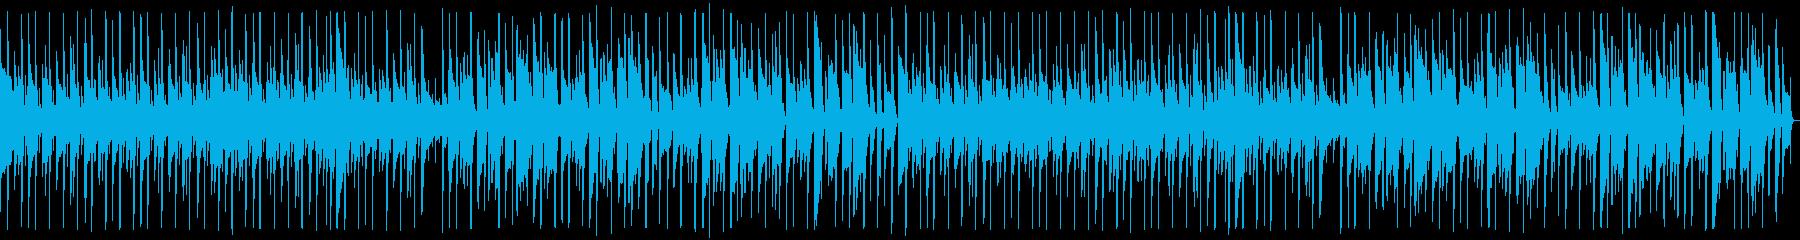 YouTube・ほのぼの・生演奏ギターの再生済みの波形